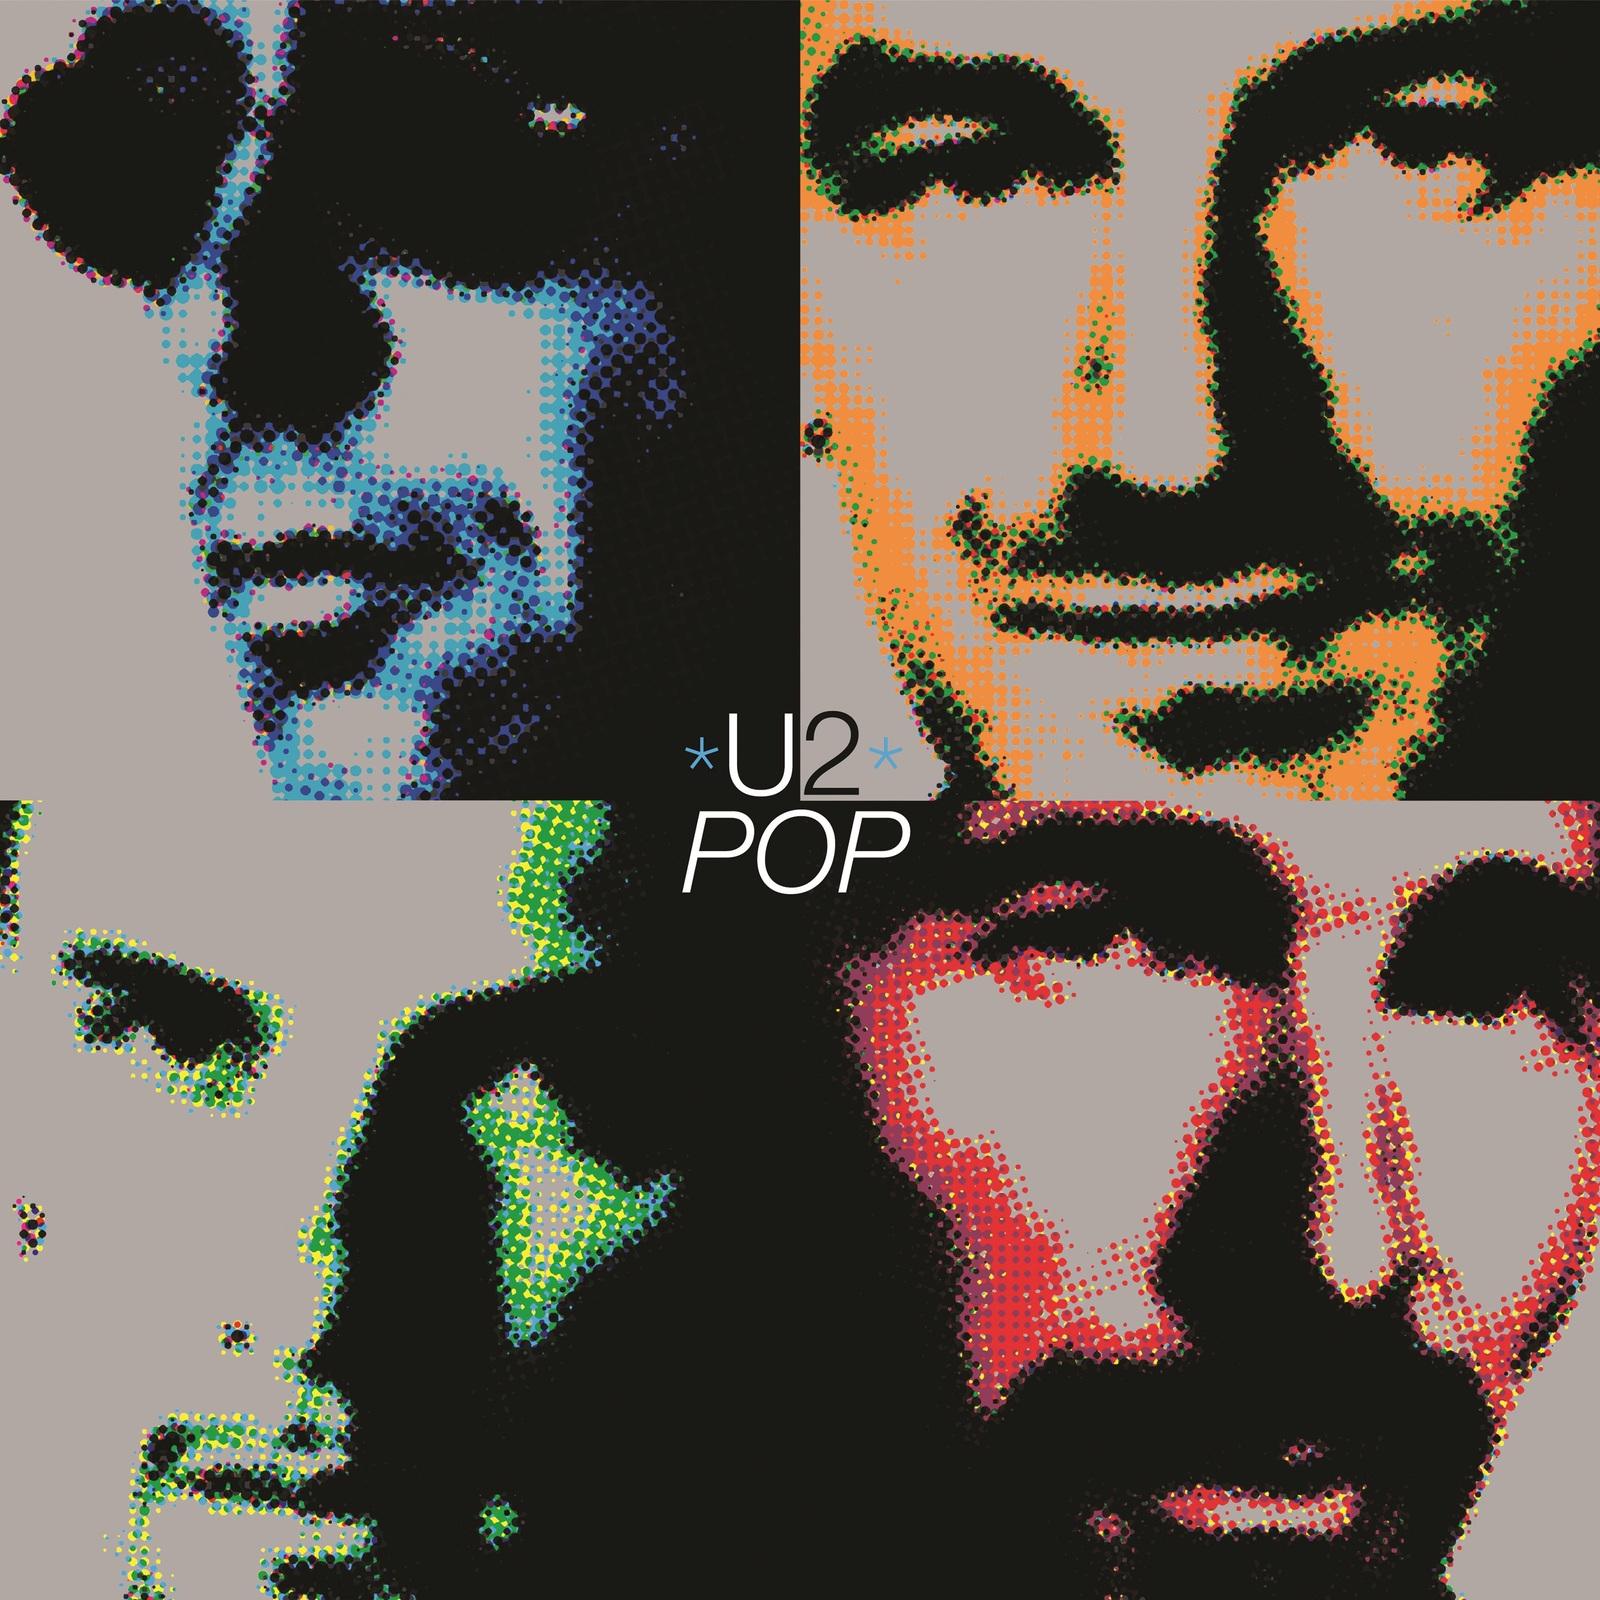 Pop (2LP) image